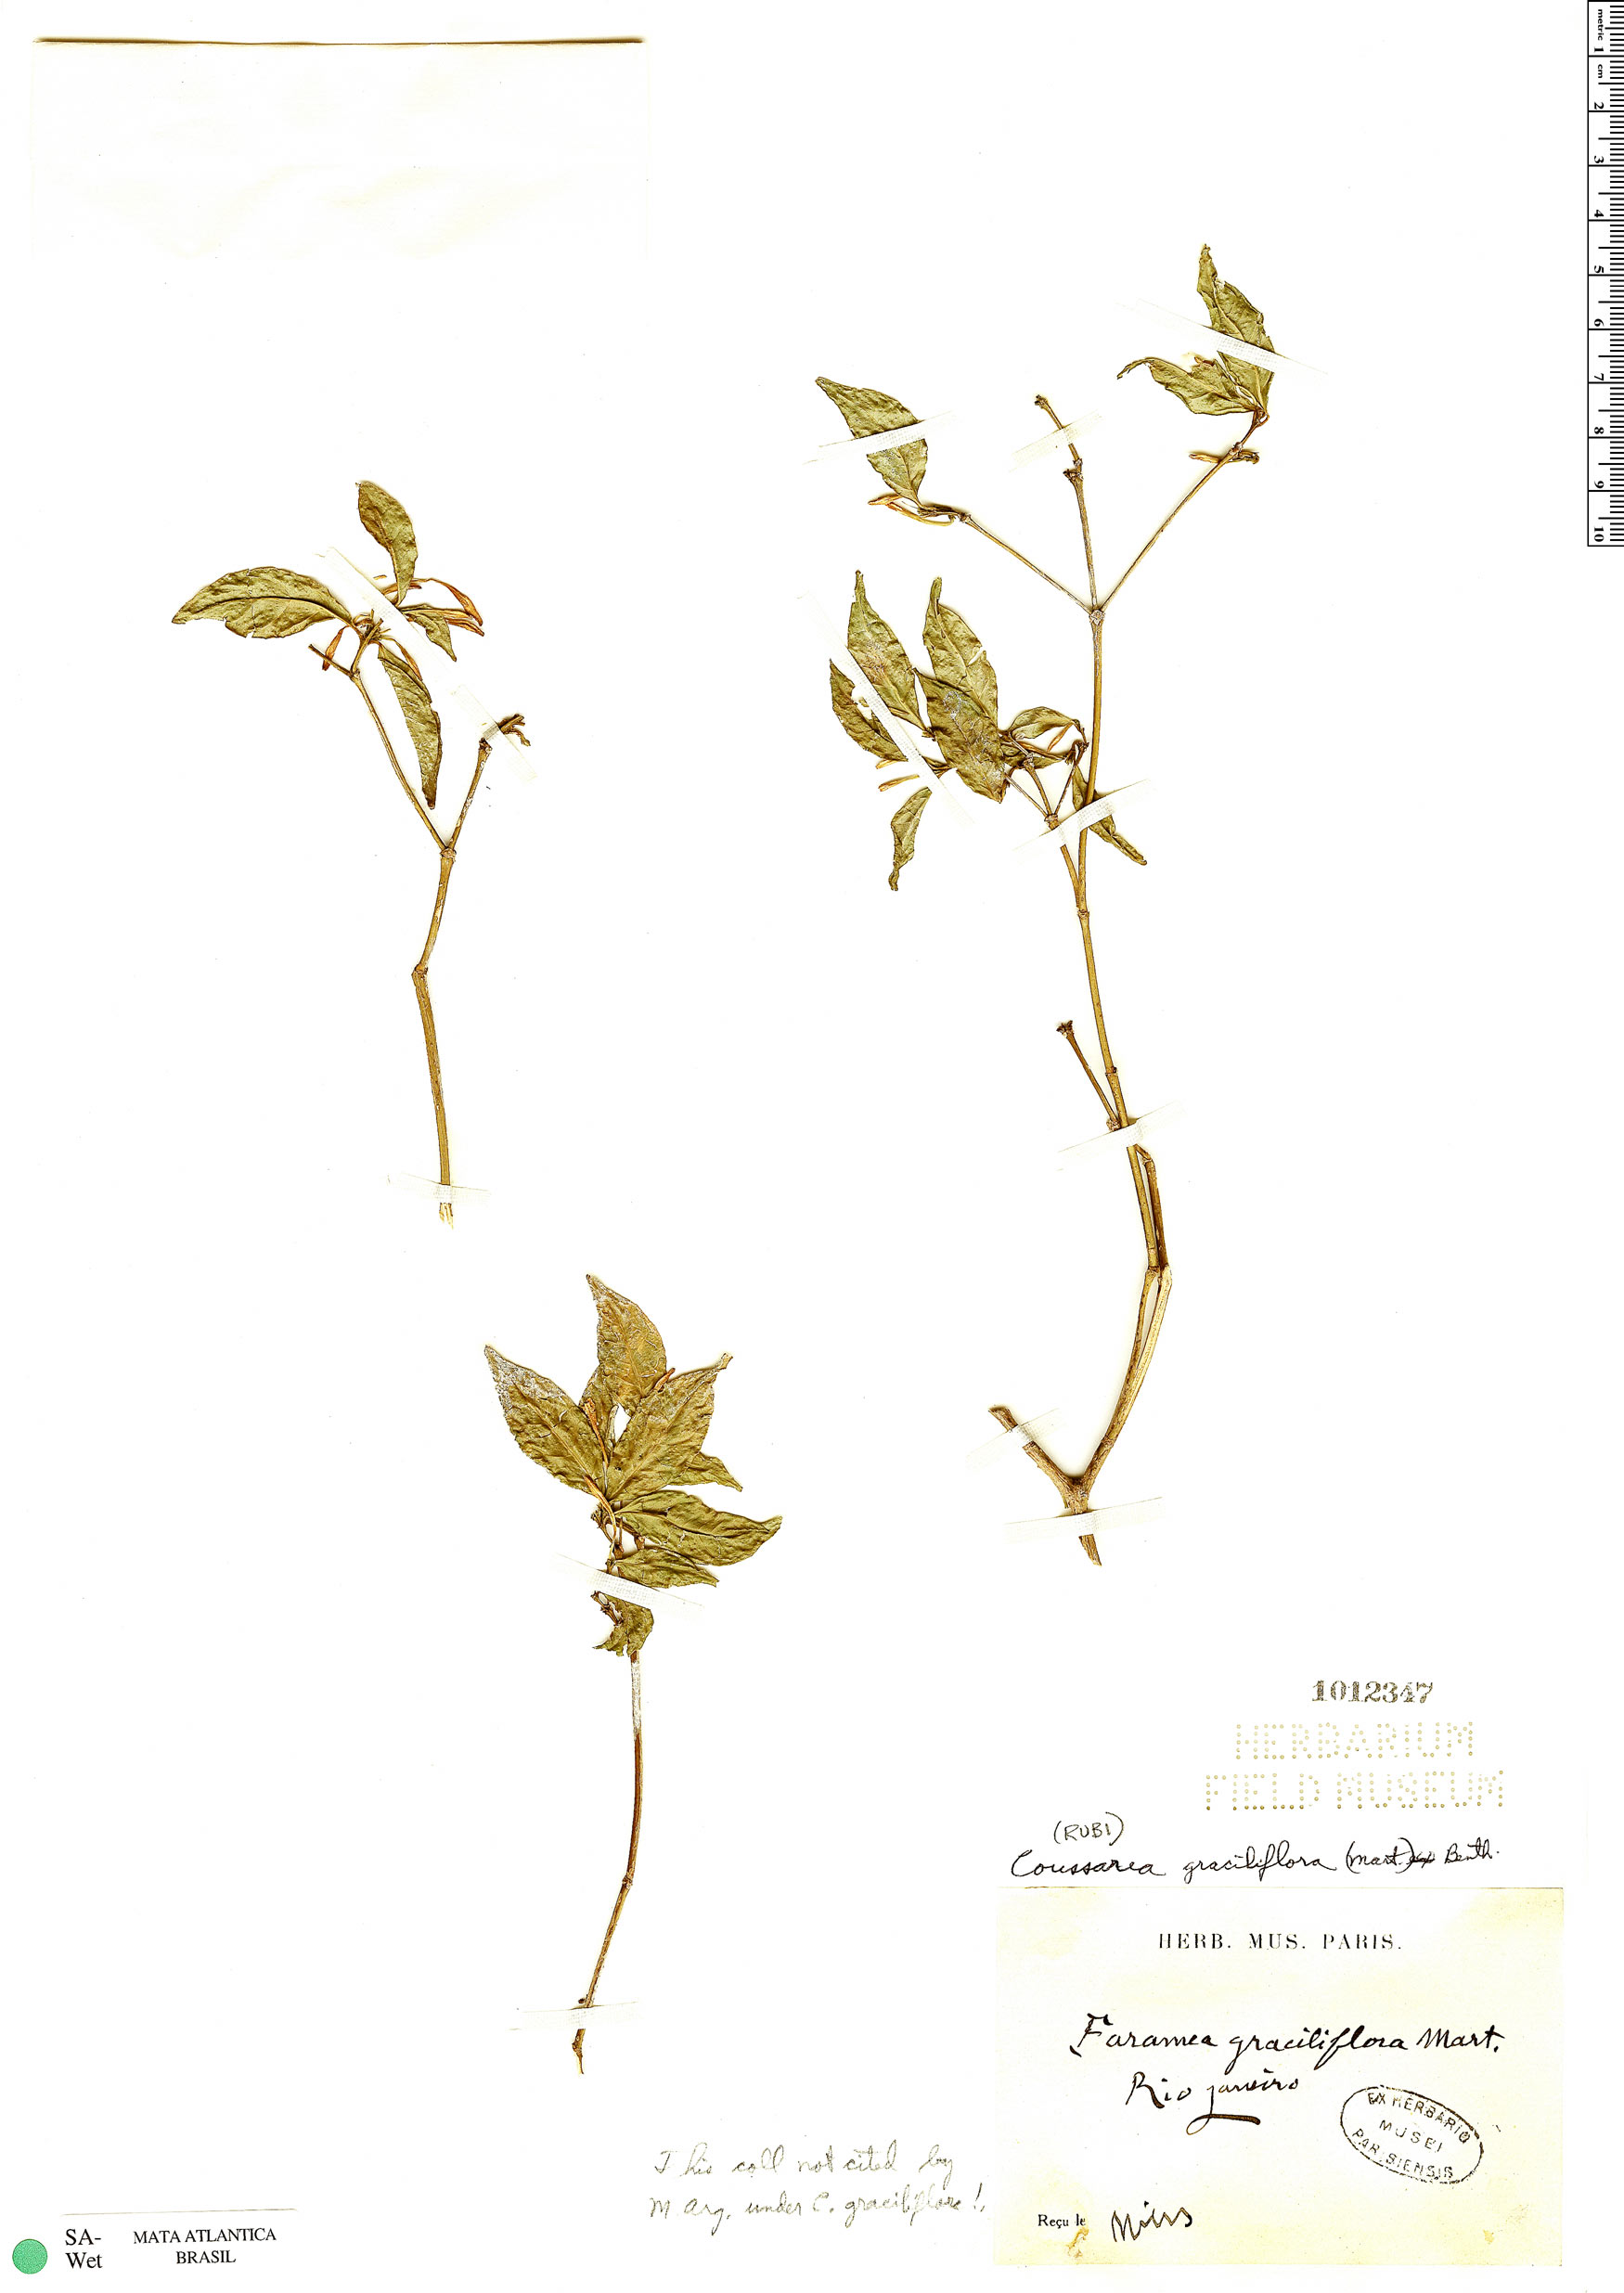 Specimen: Coussarea graciliflora